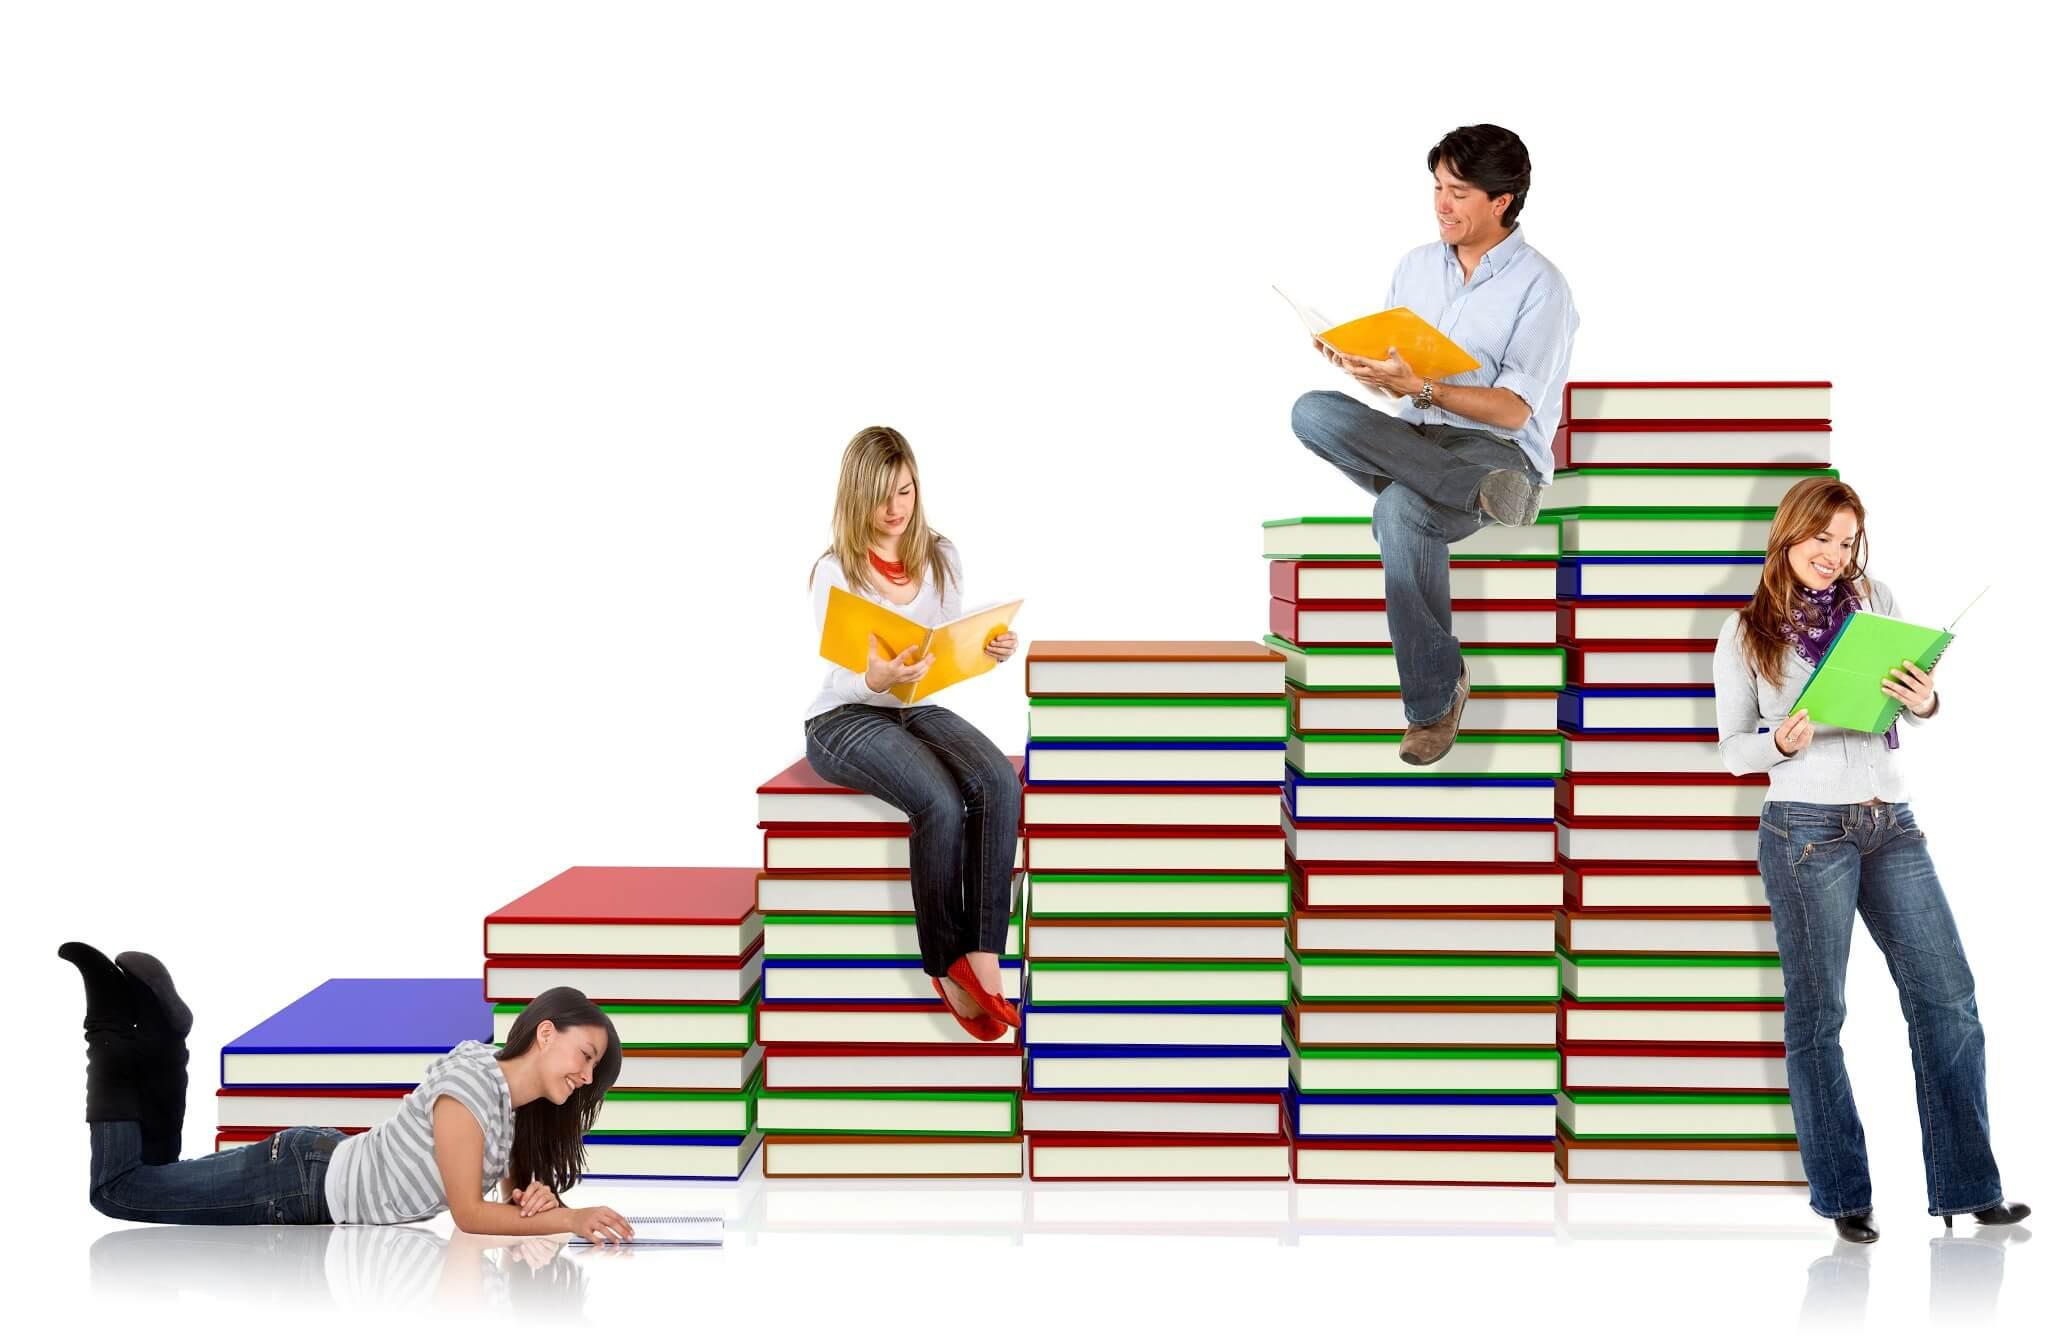 ОКВЭД 80: образовательная деятельность